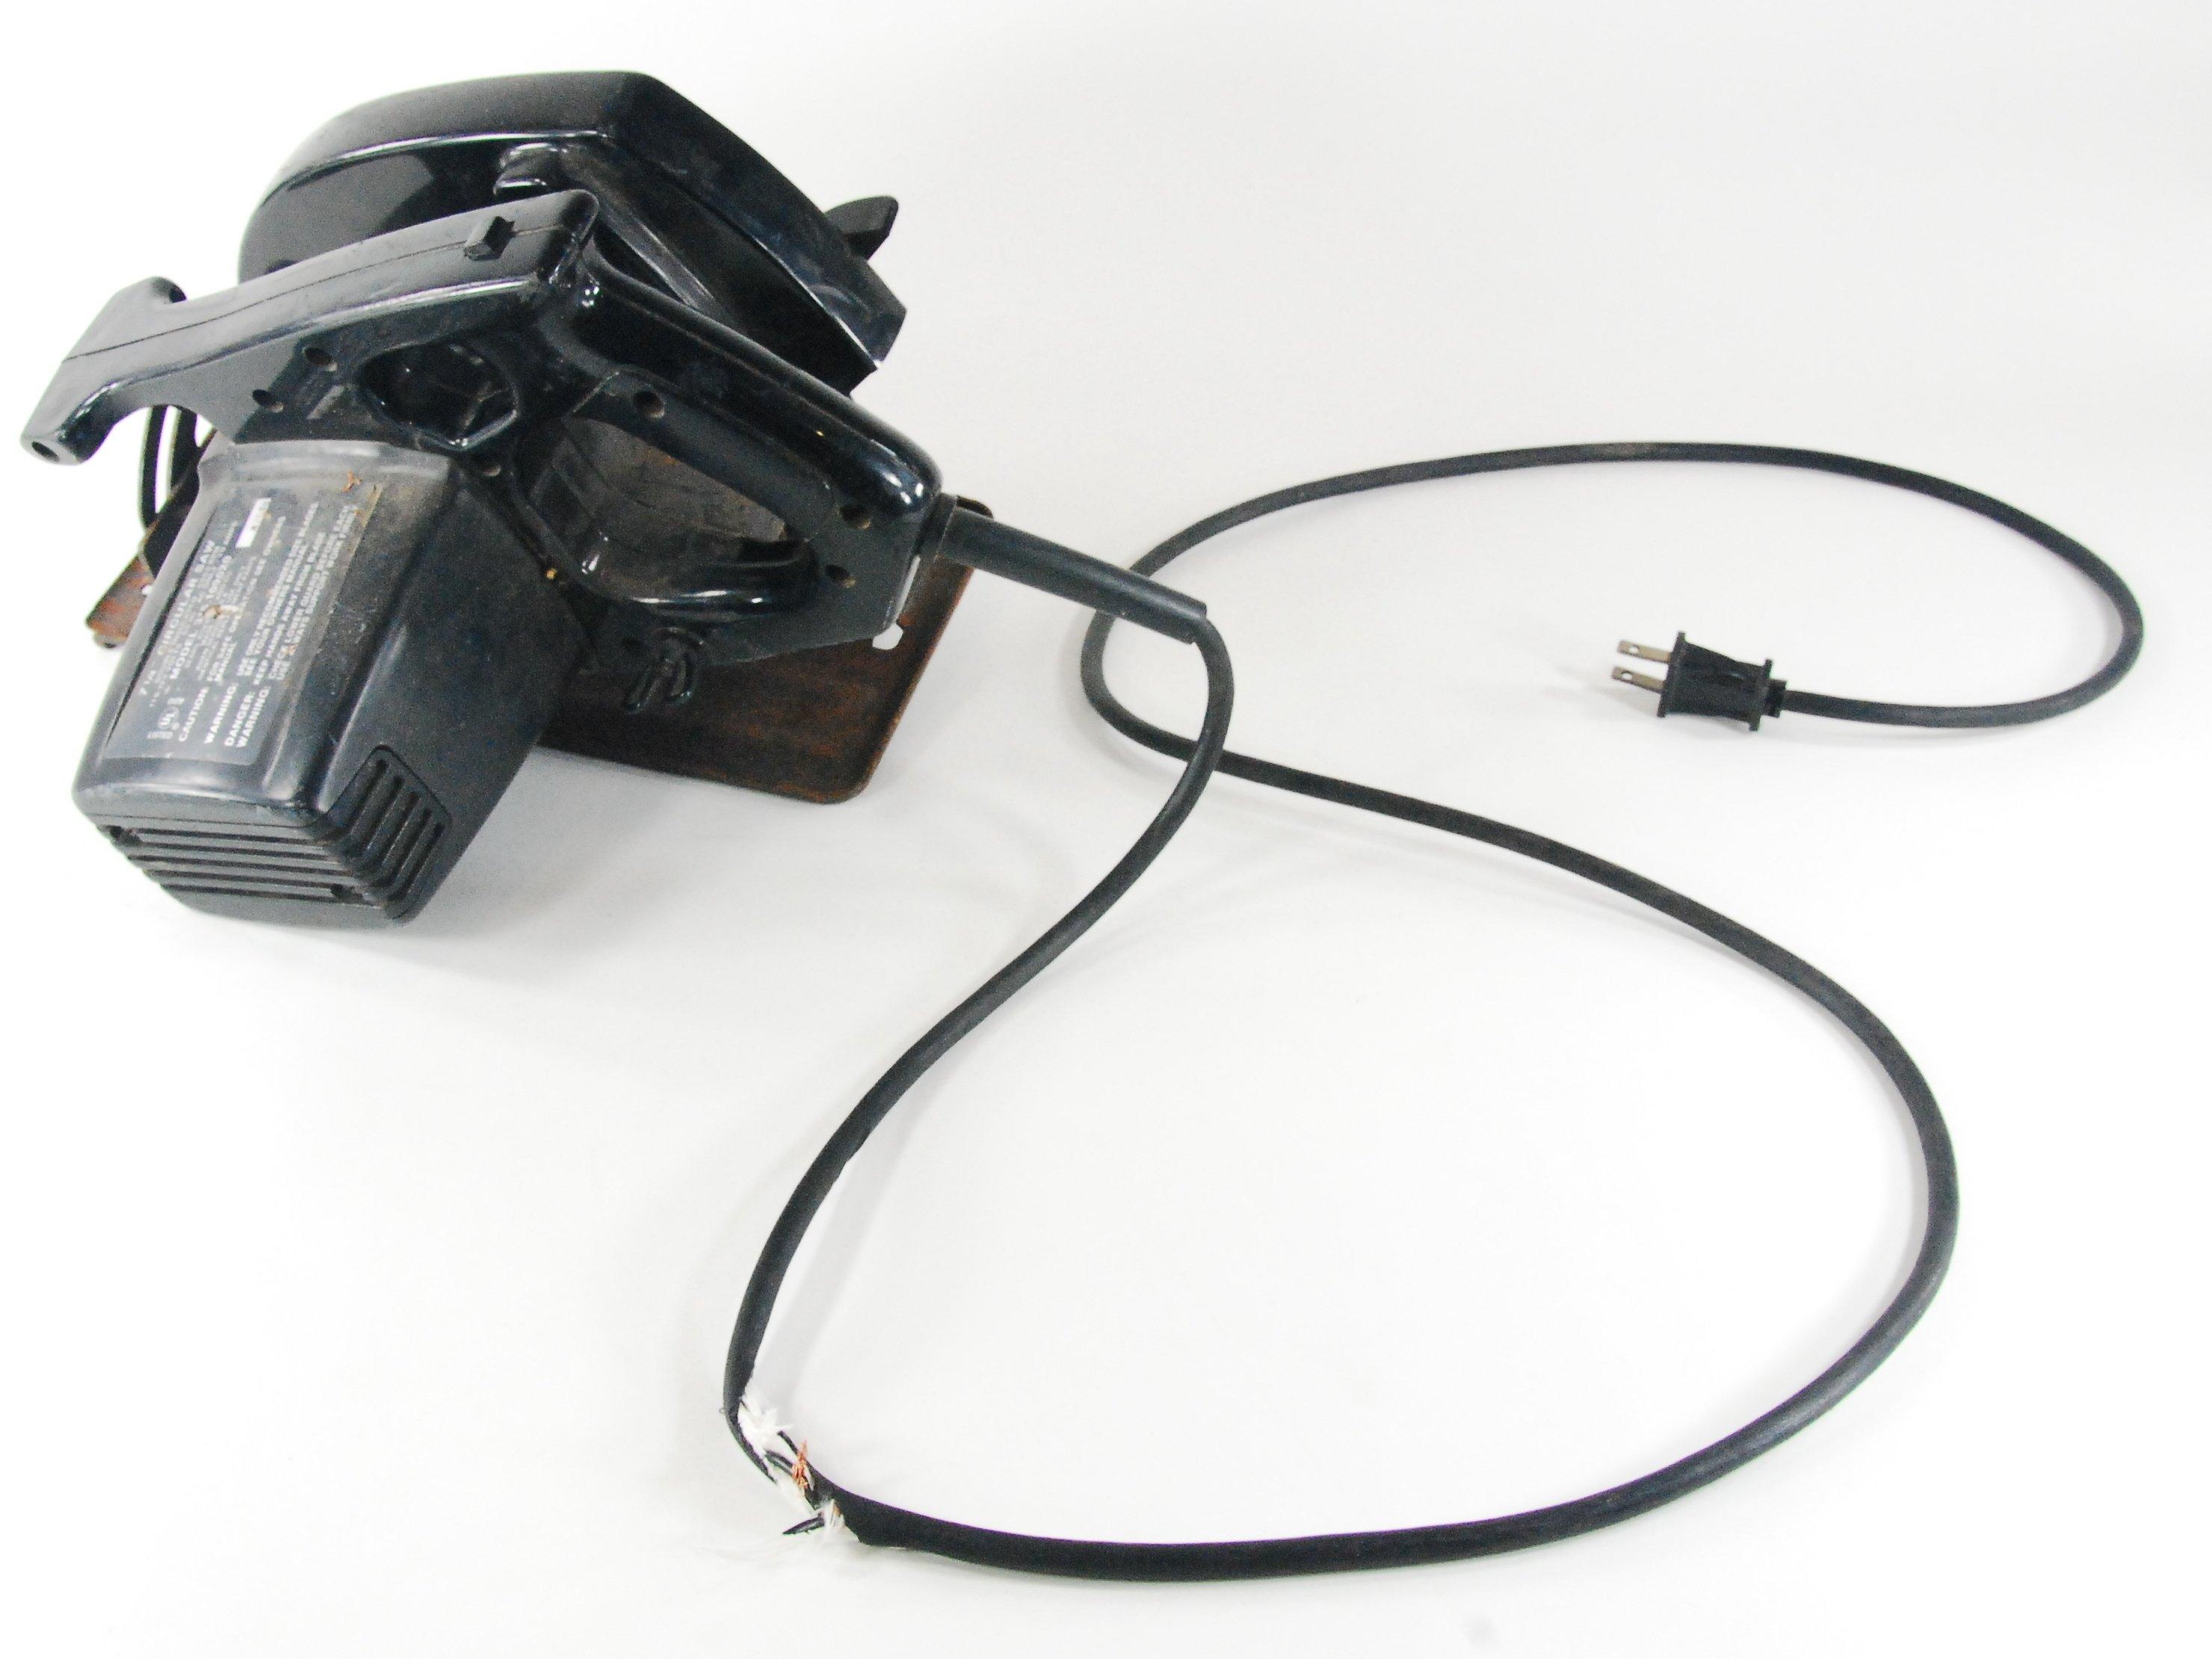 Craftsman Circular Saw Power Cord Repair - iFixit Repair Guide on